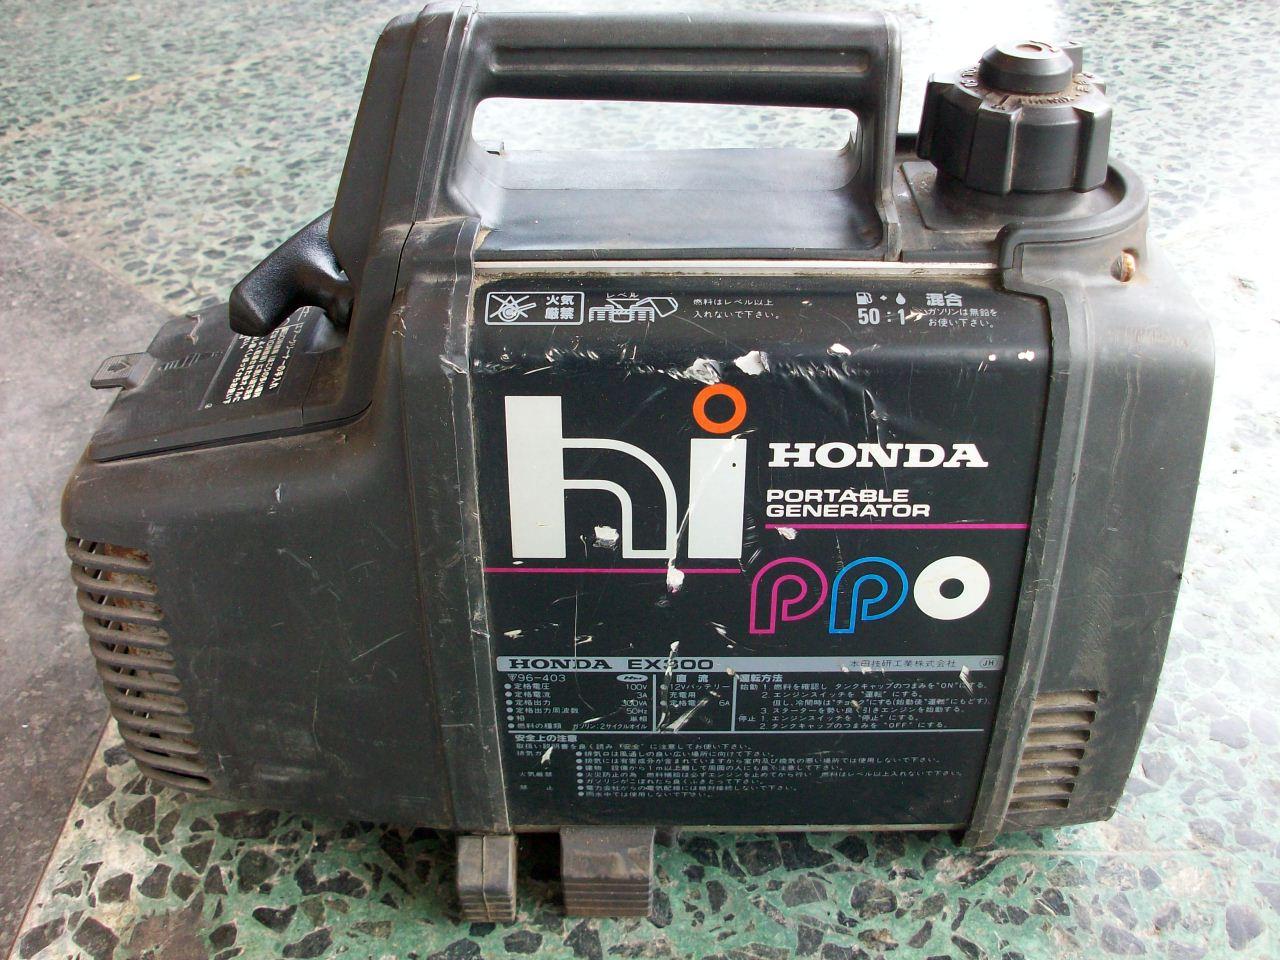 僑大機械五金行: HONDA EX300 手提式發電機